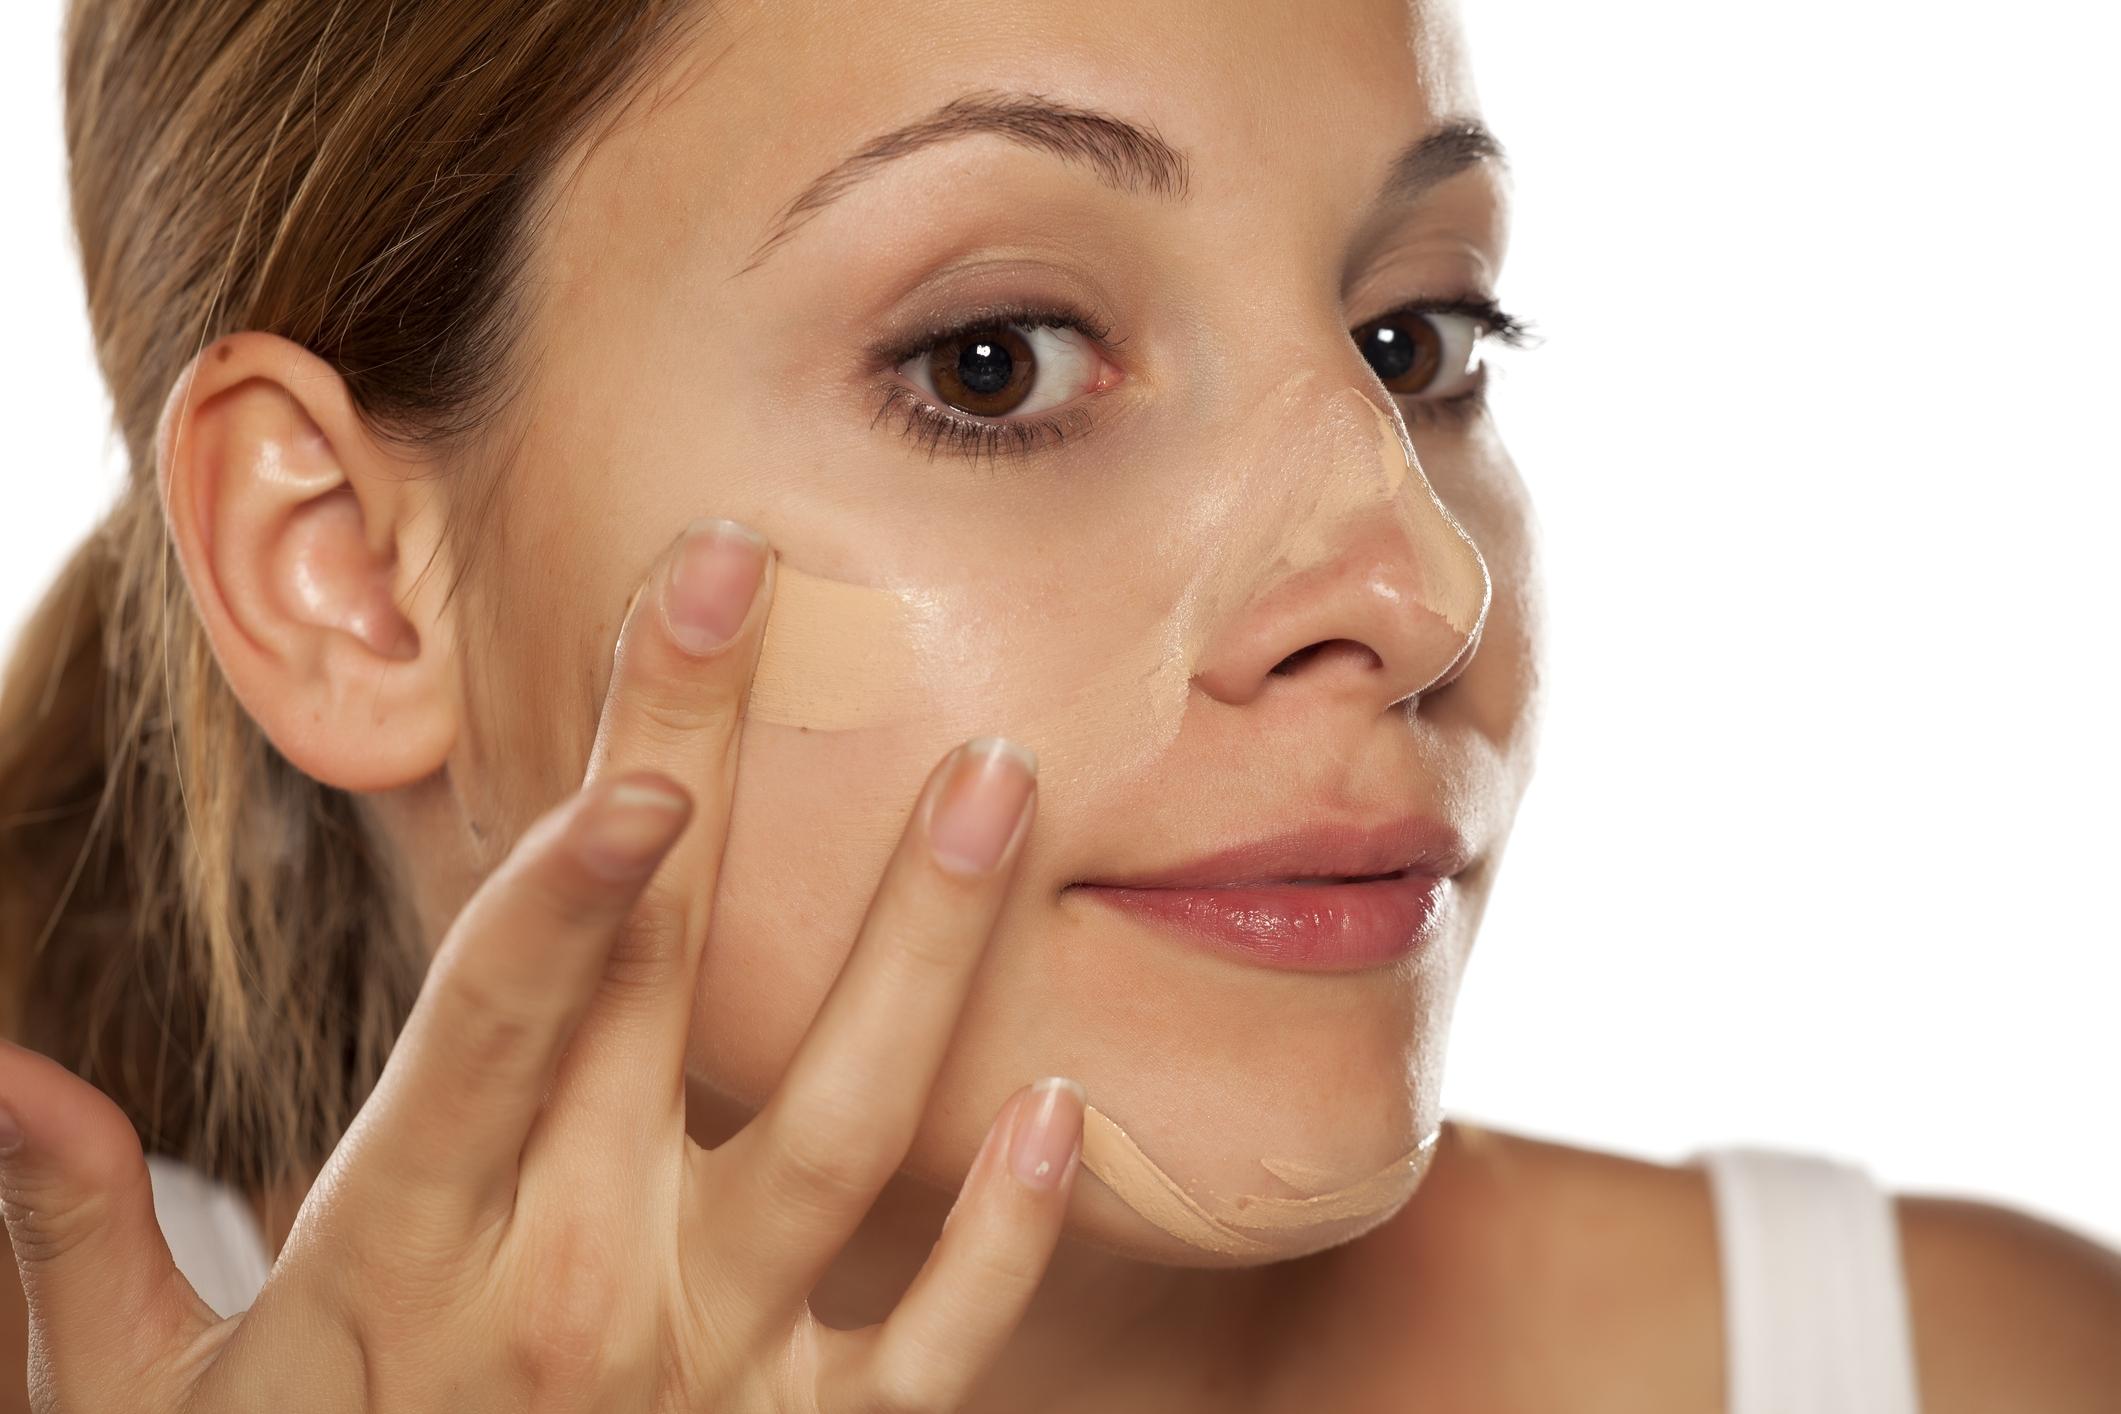 Пропускане на основата за грим: не го правете. Това е първият слой, с който защитавате лицето си през деня.